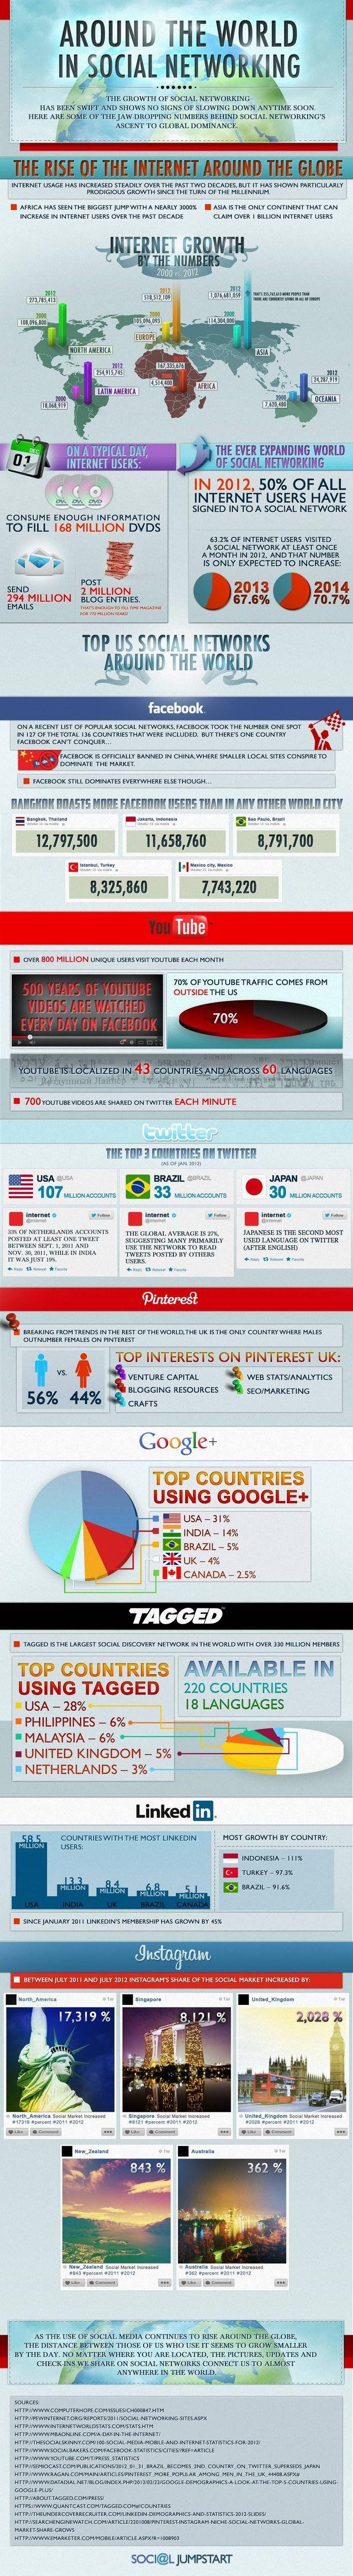 El crecimiento de la redes sociales en el mundo #infografia